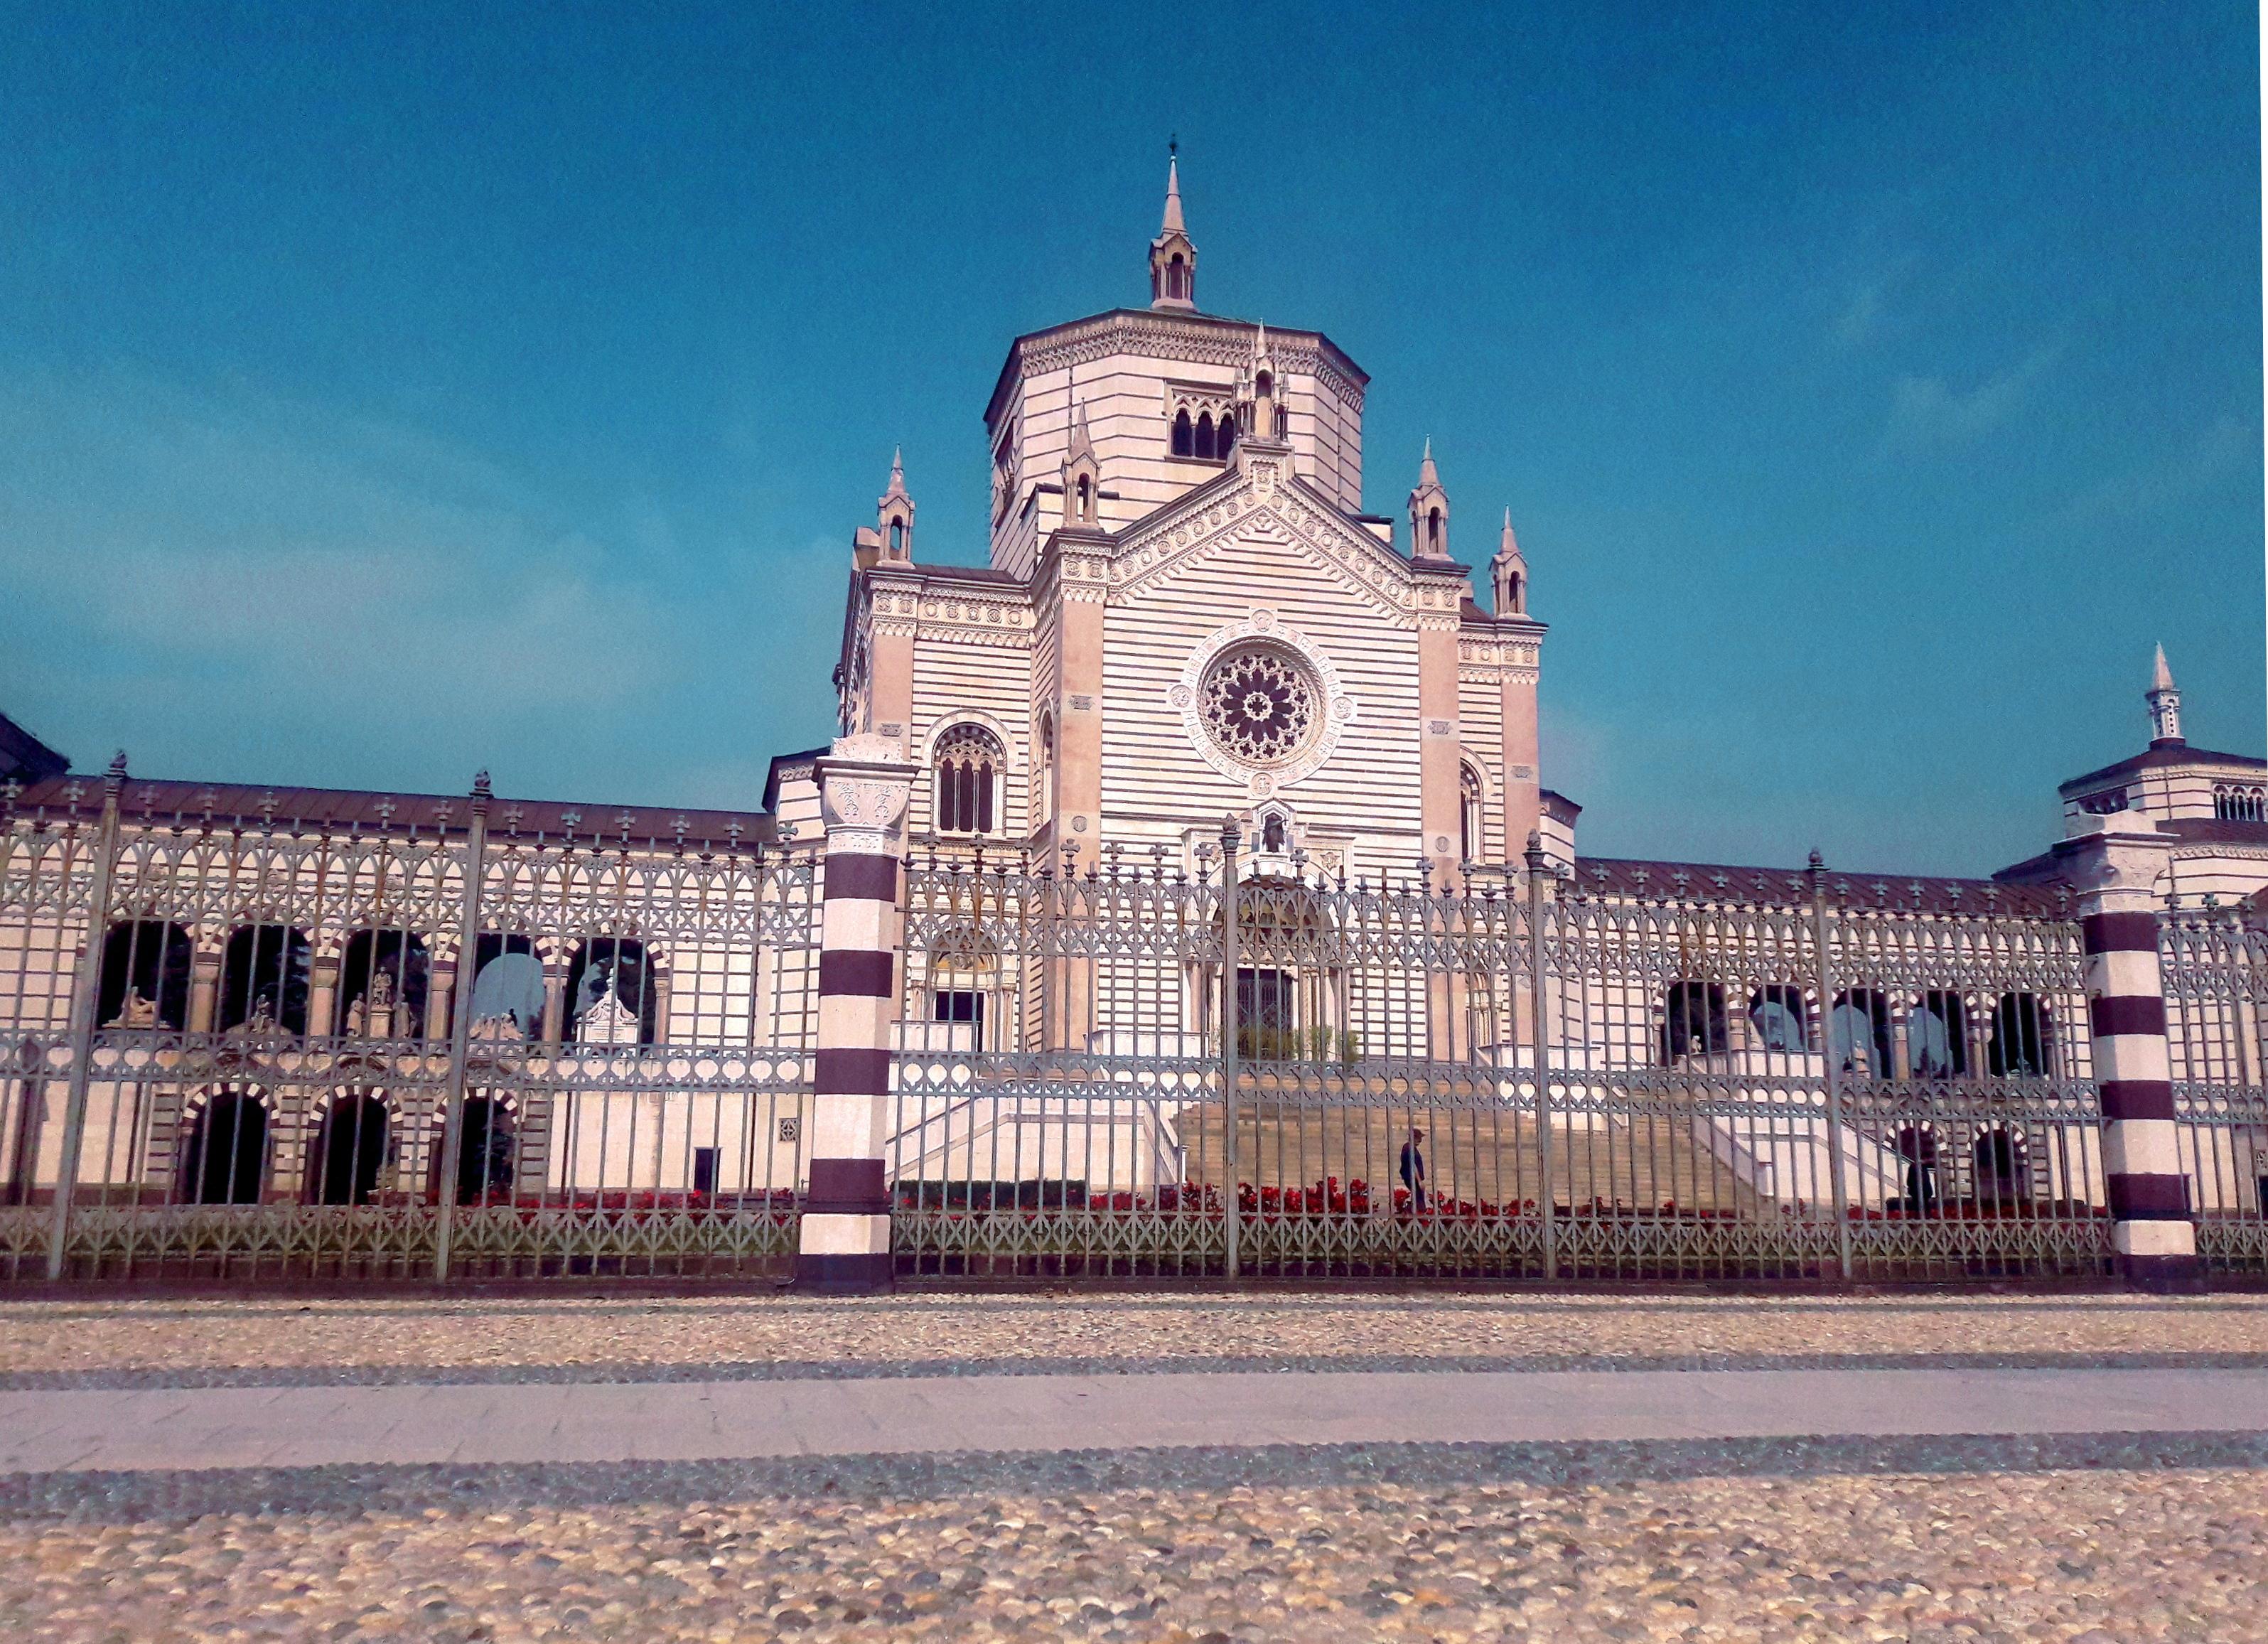 cimitero monumentale milan travel italy